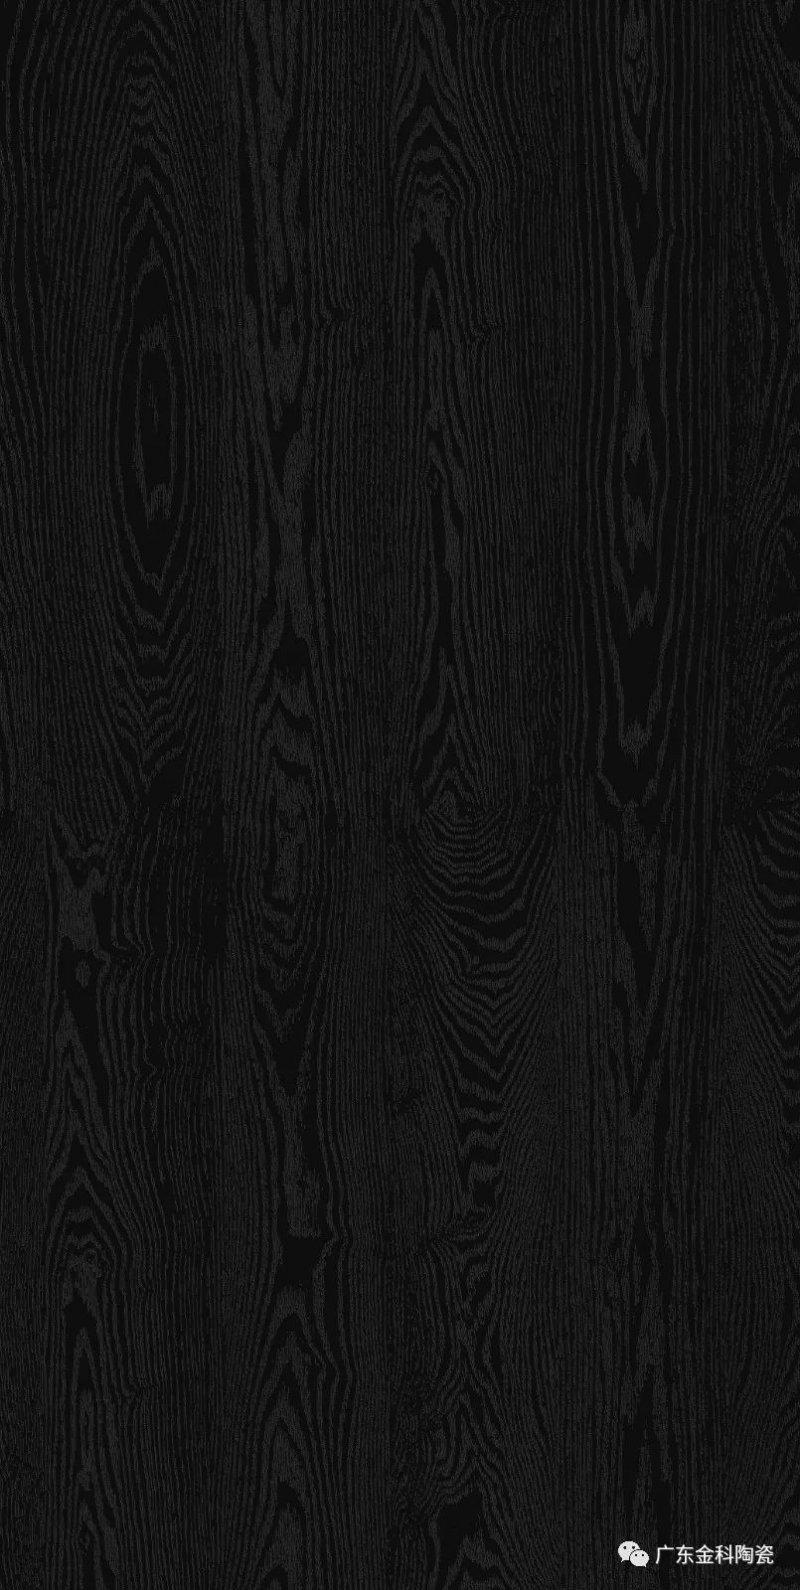 金科陶瓷图片自然木系列 现代简约风格陶瓷效果图